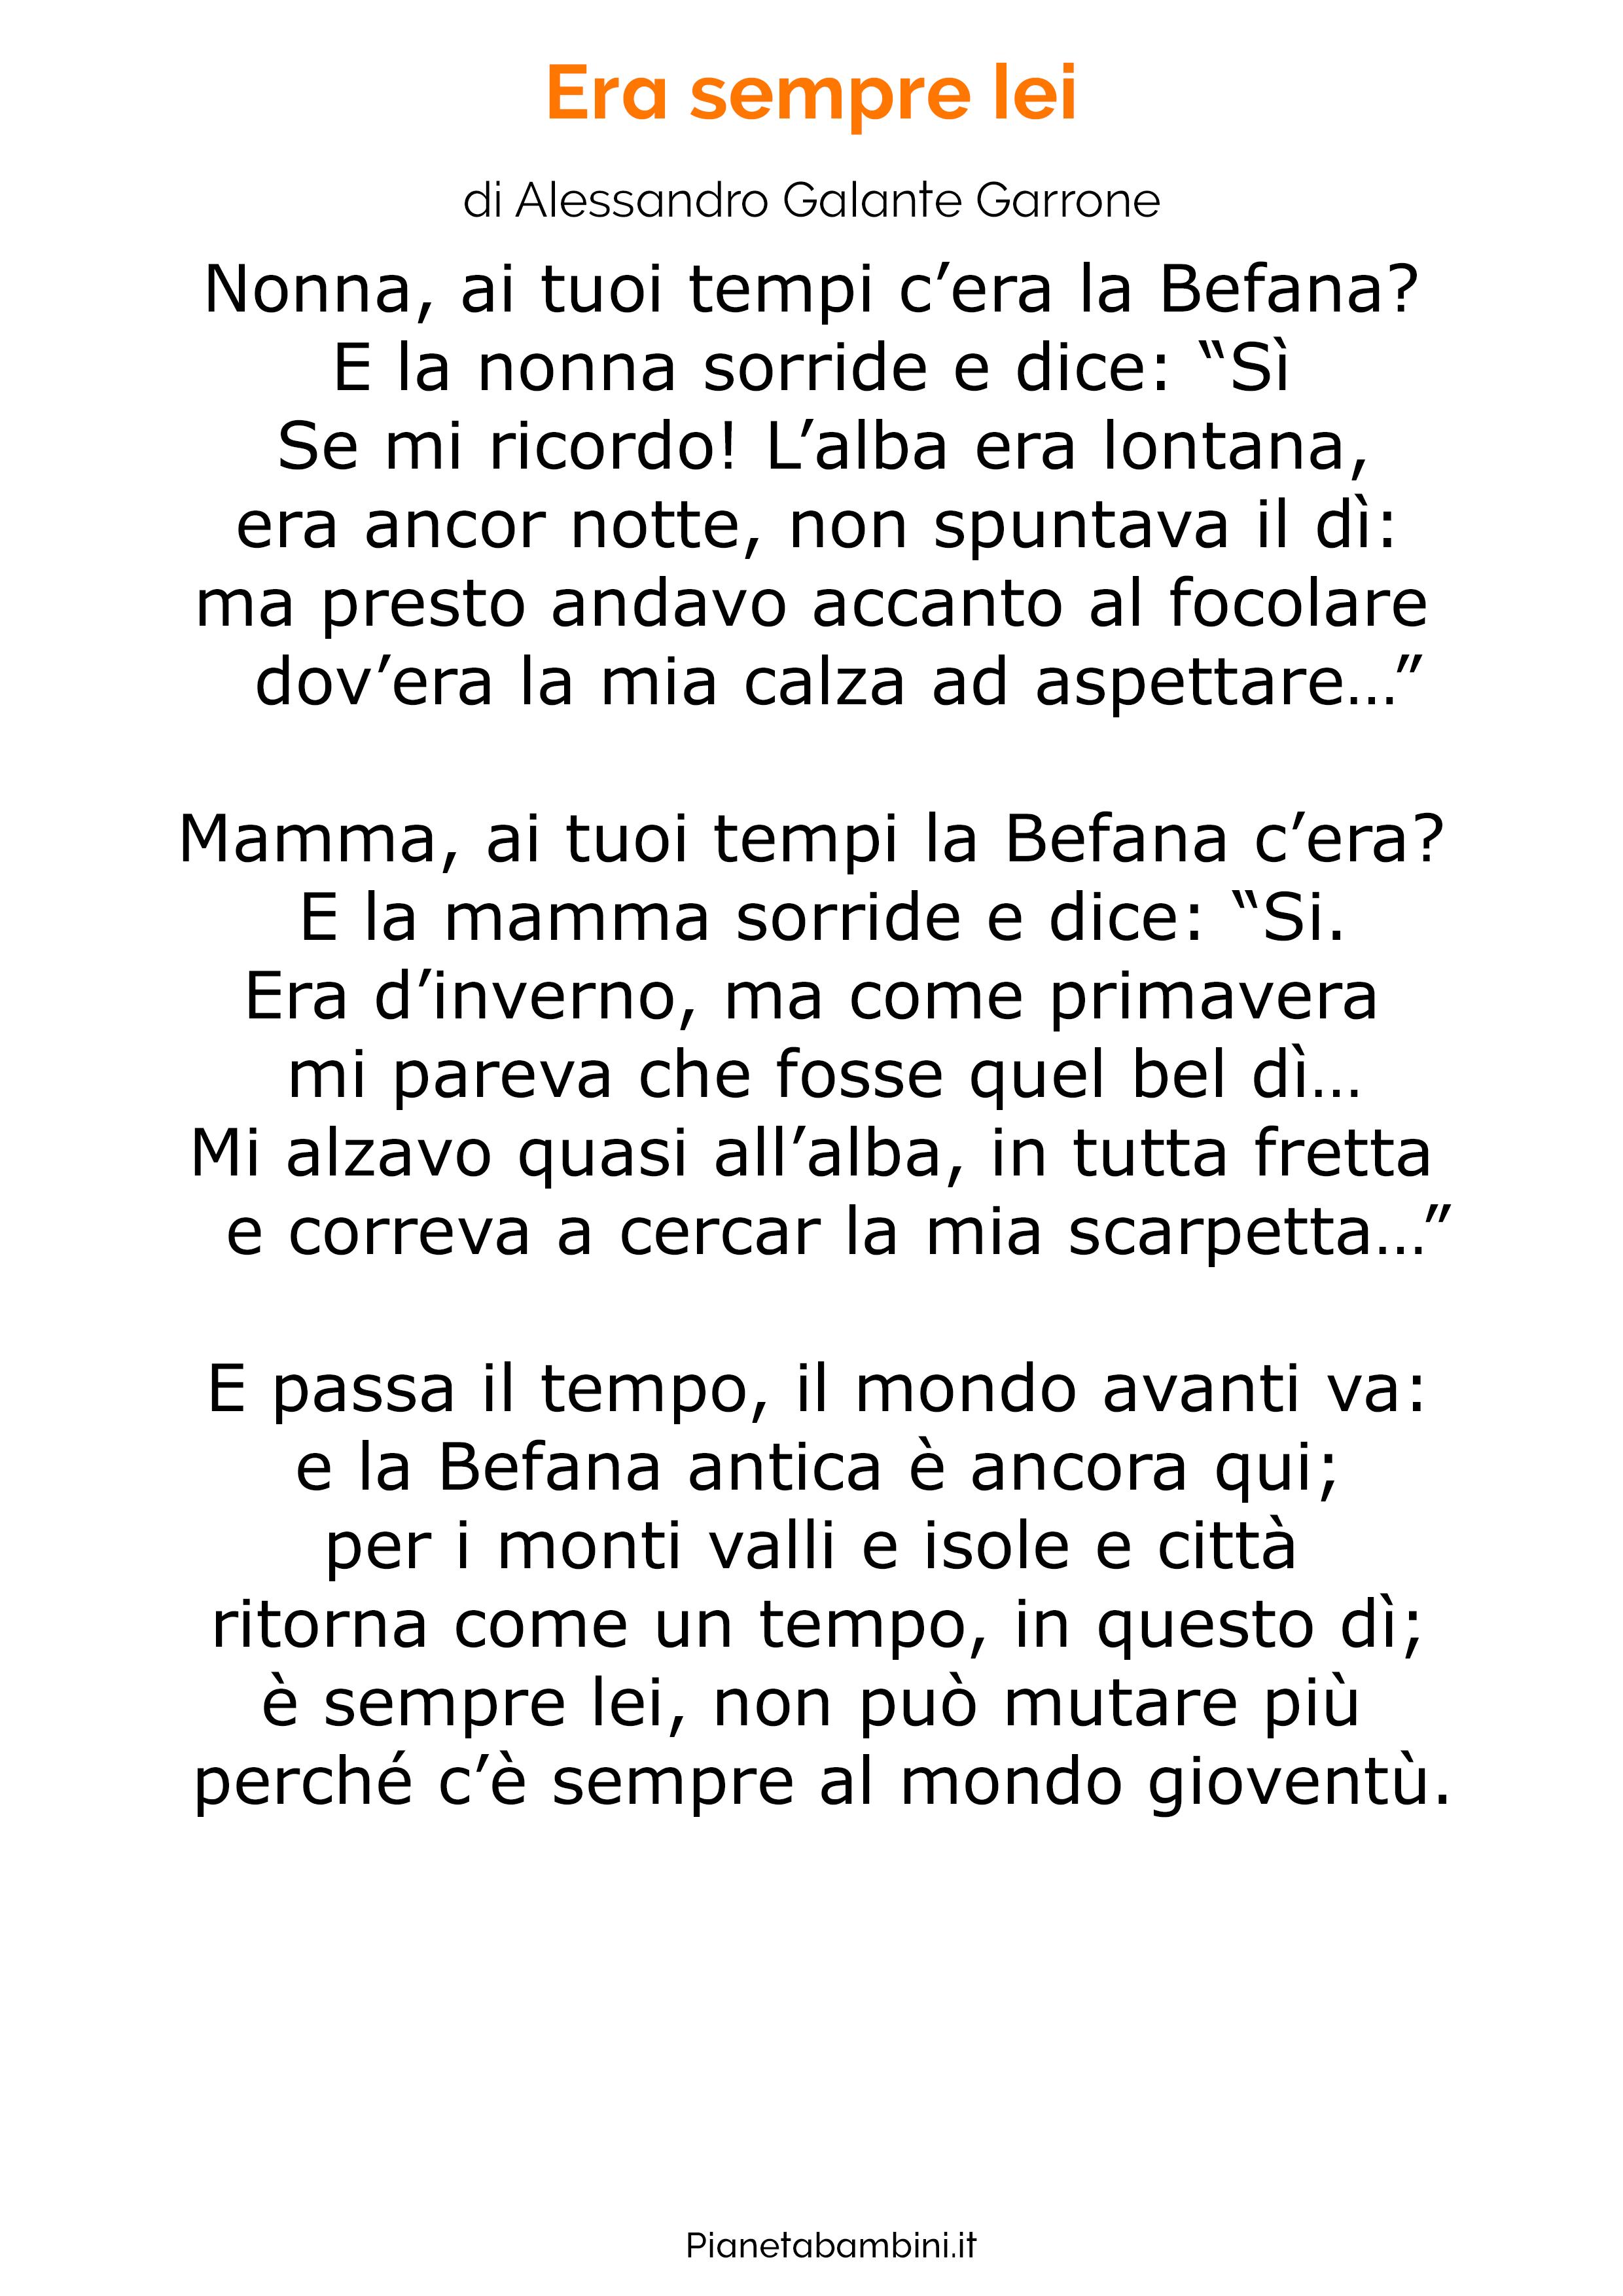 Poesia sulla Befana 09